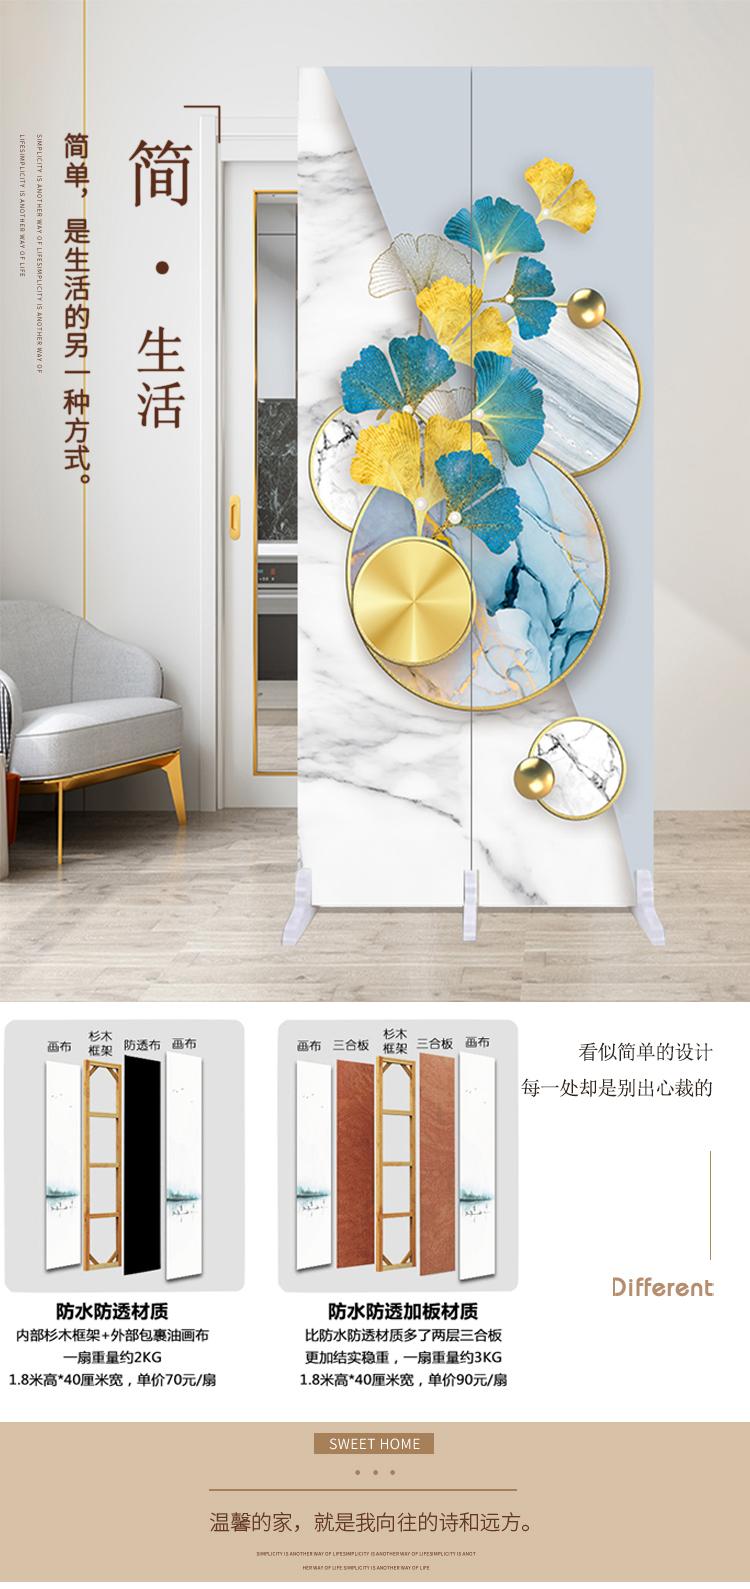 屏风隔断墙现代简约客厅卧室遮挡小户型家用摺迭移动进门玄关折屏详细照片